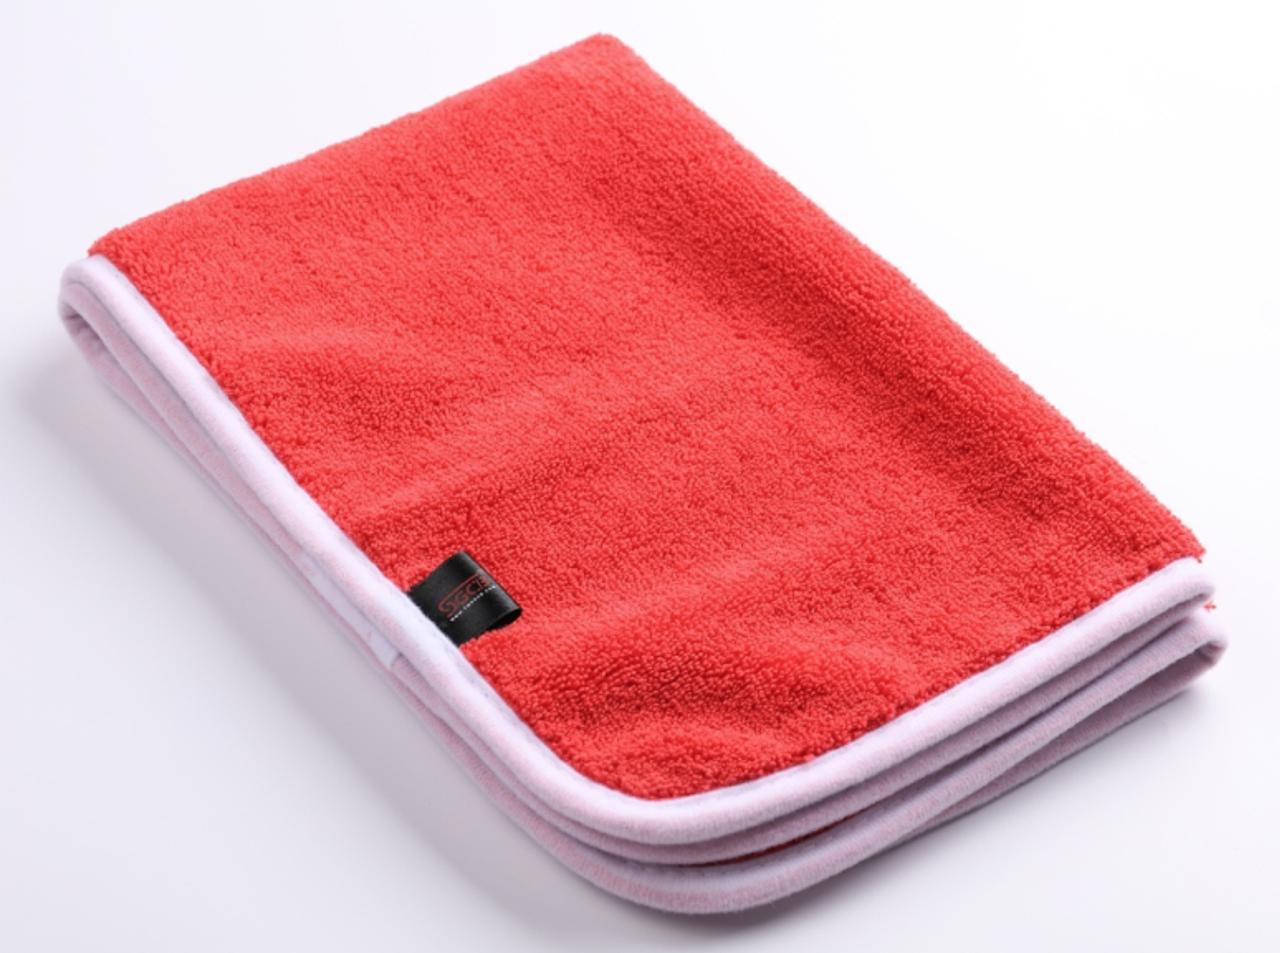 Микрофибра для располировки составов SGCB Miracle Cobra Towel 40*60см 380 г/м2 красная